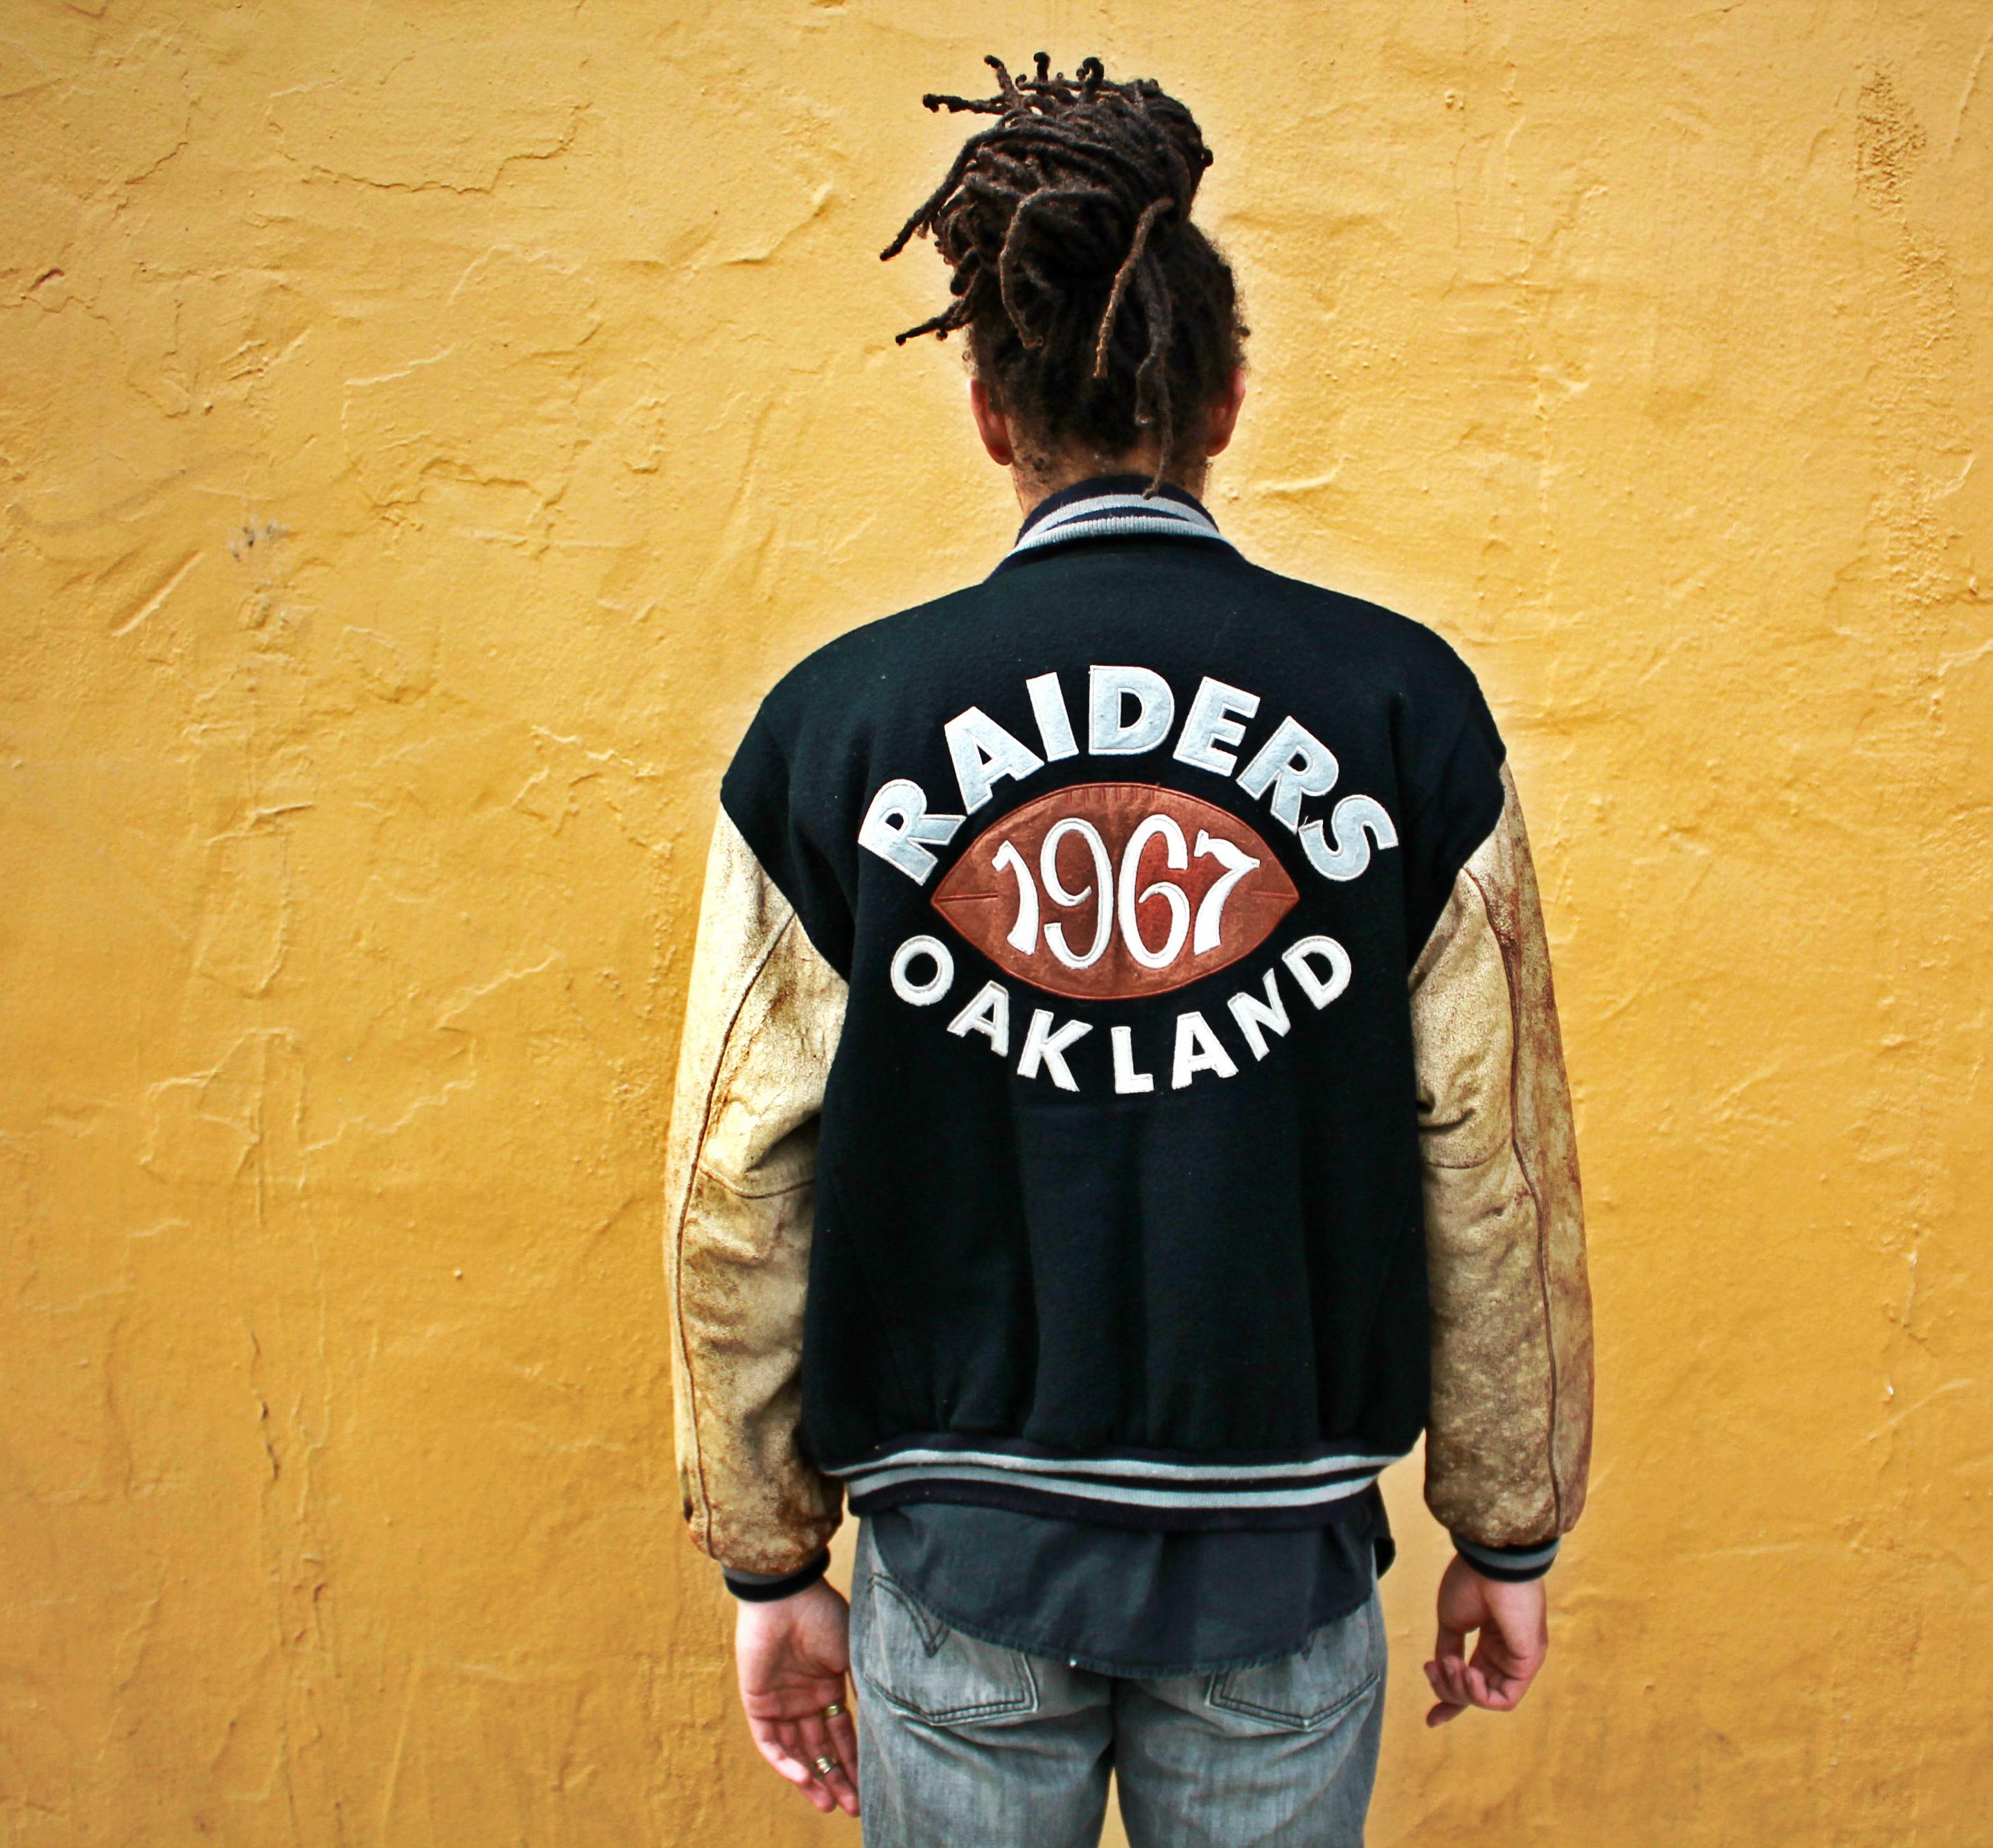 Starter Jackets Ebay | Raiders Varsity Jacket | La Raiders Jacket